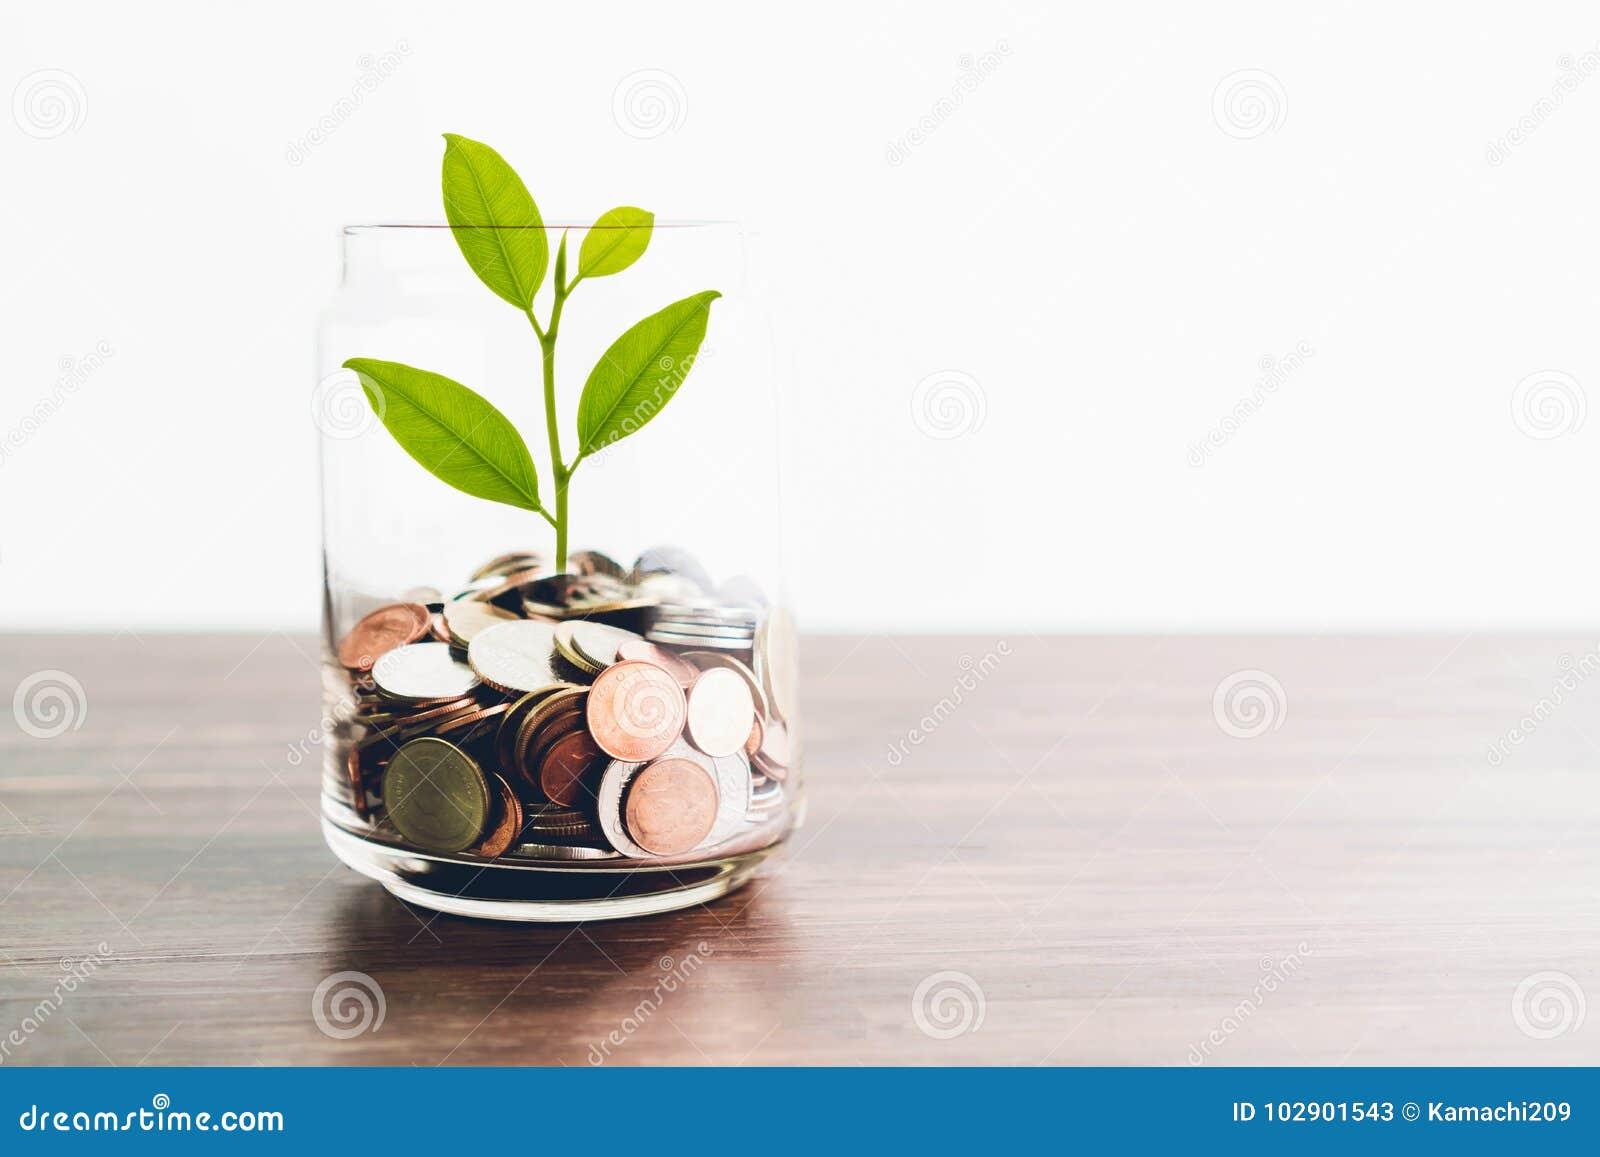 Las monedas en una botella y el árbol verde, representan el crecimiento financiero Más dinero que usted ahorra